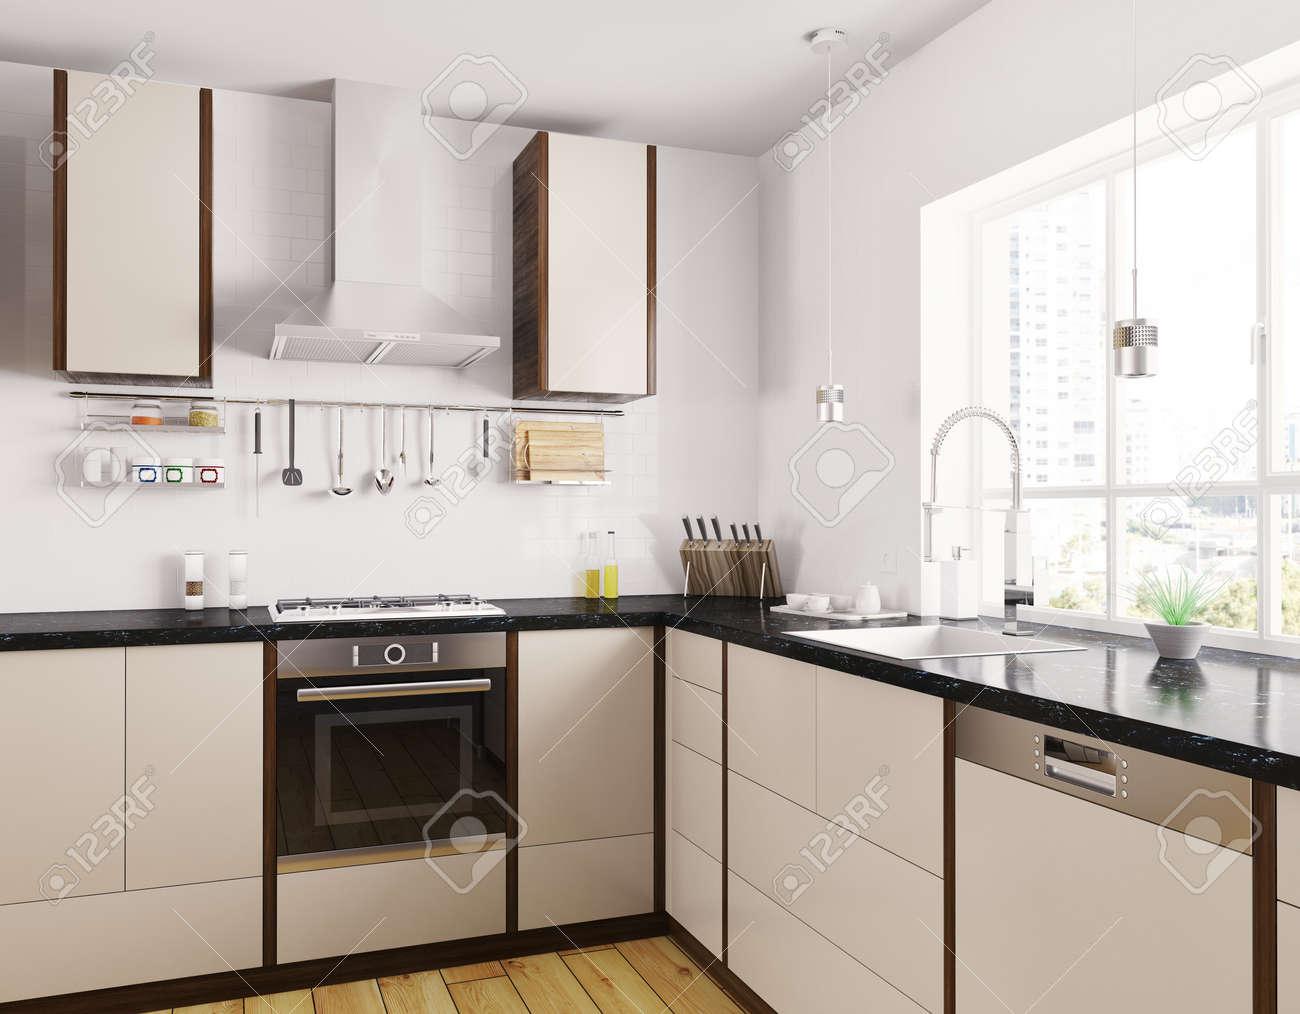 Cuisine beige moderne avec comptoir de granit noir intérieur rendu 3d